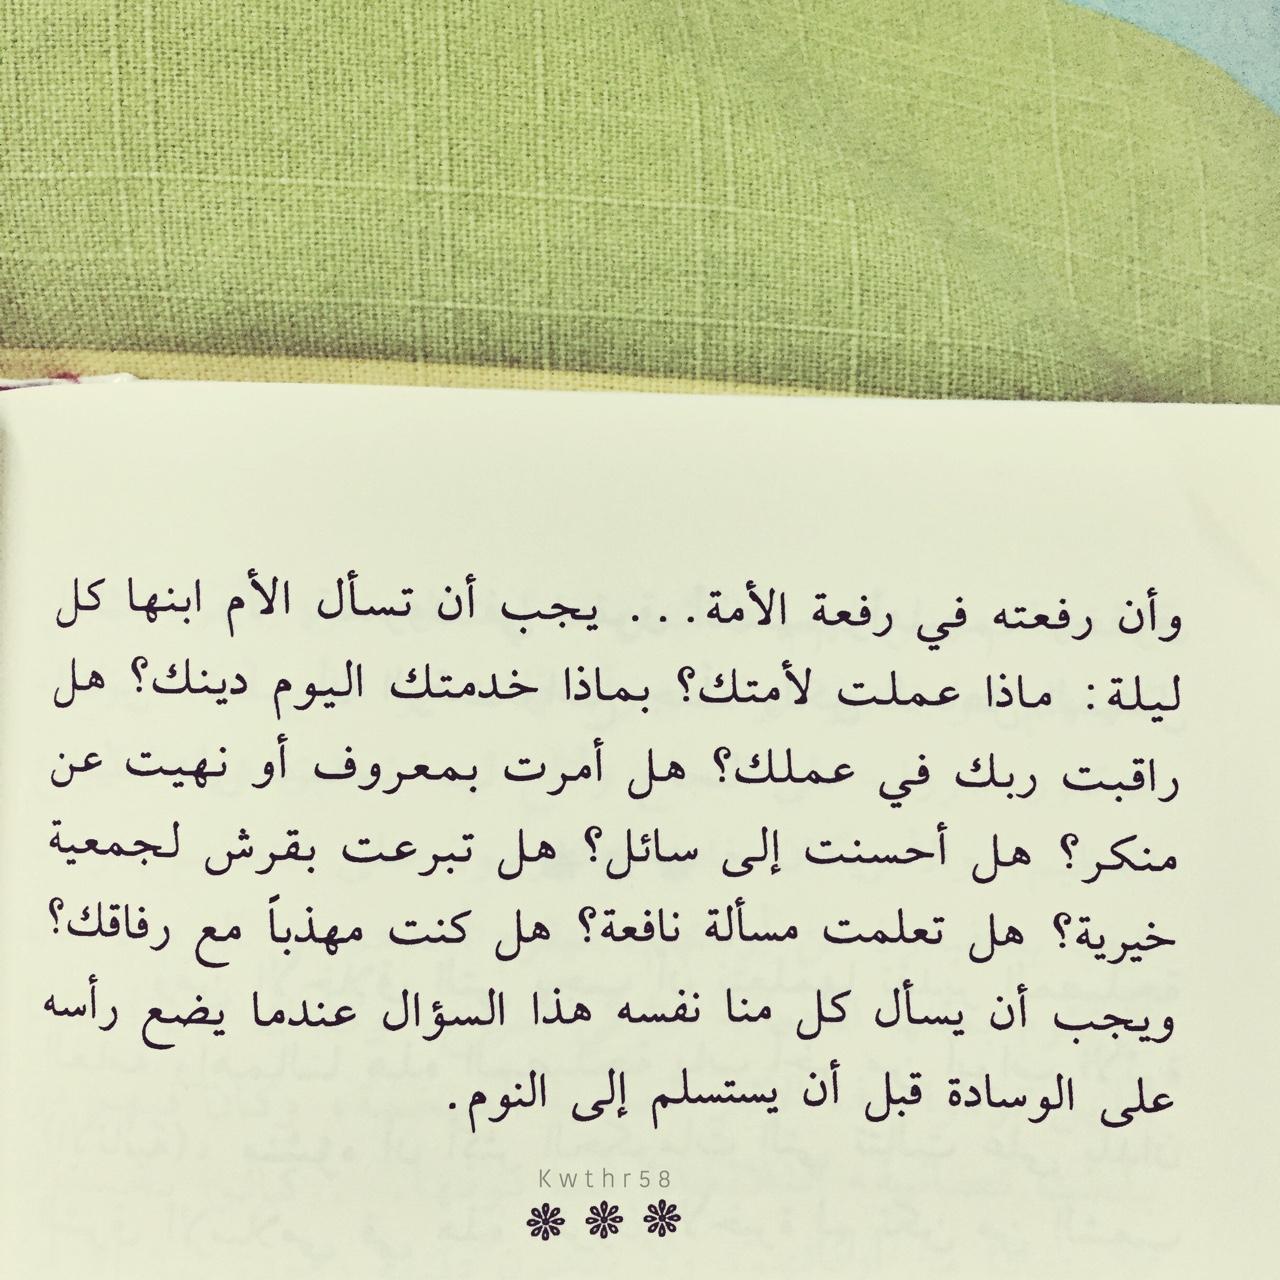 صورة كلمات قصيدة عن الام , اجمل كلمات عن حنان الام 821 4